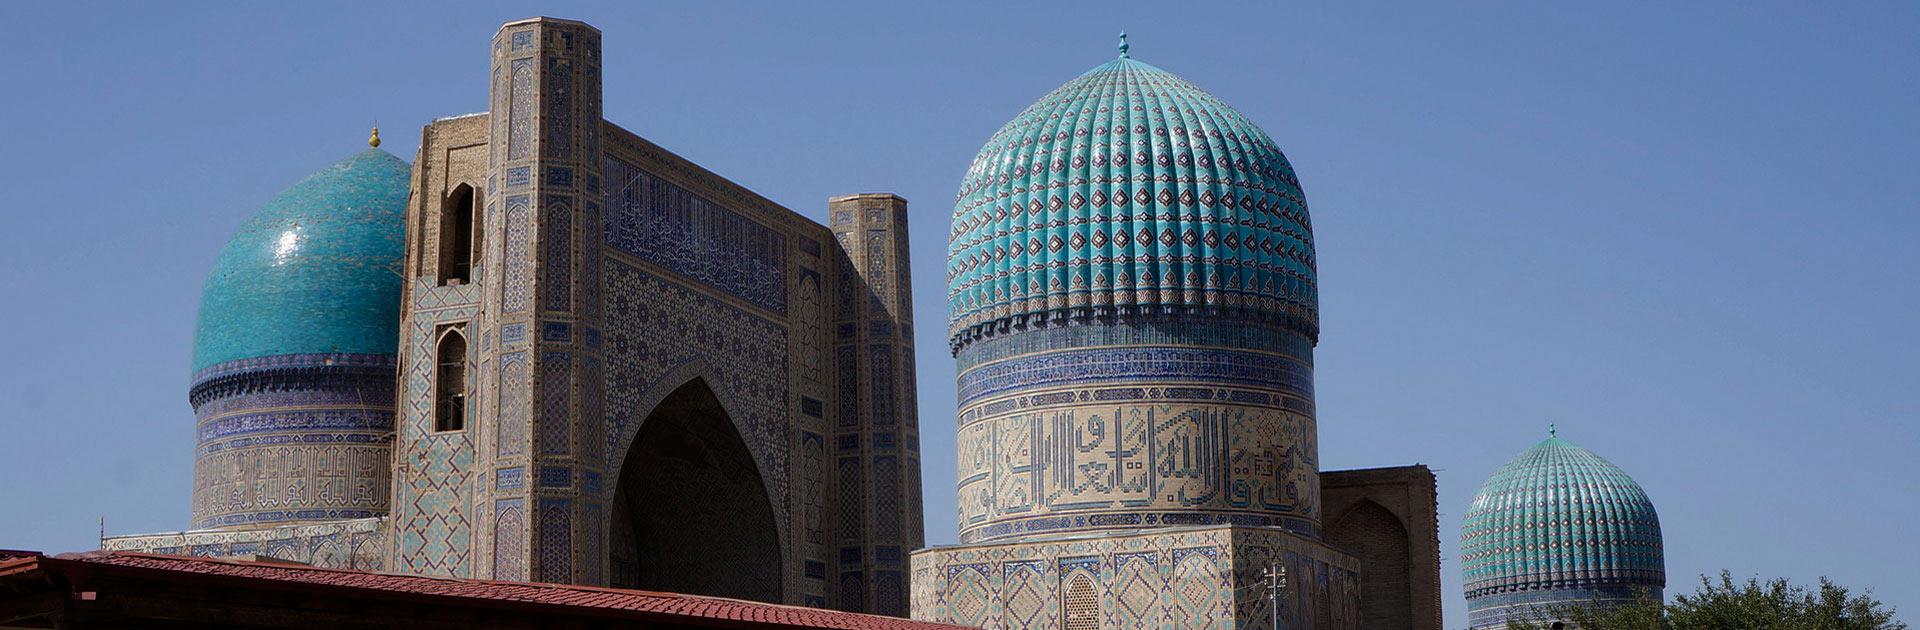 UZ Gran Tour de Uzbekistán 16 días 3